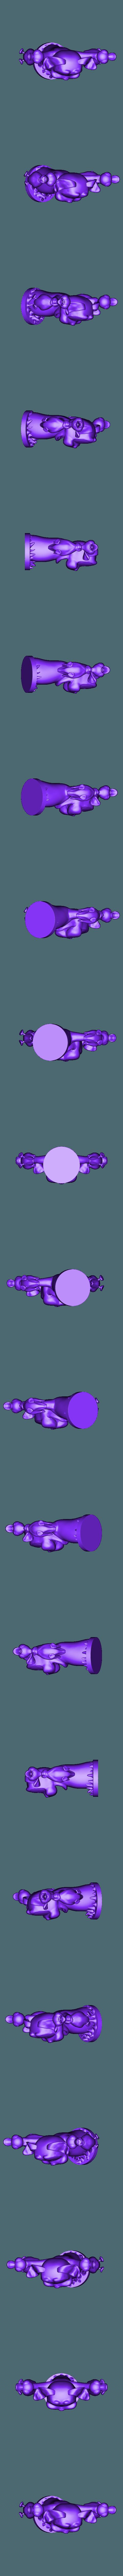 duck_hunt.obj Download free OBJ file Duck Hunt dog • Model to 3D print, Toshi_TNE